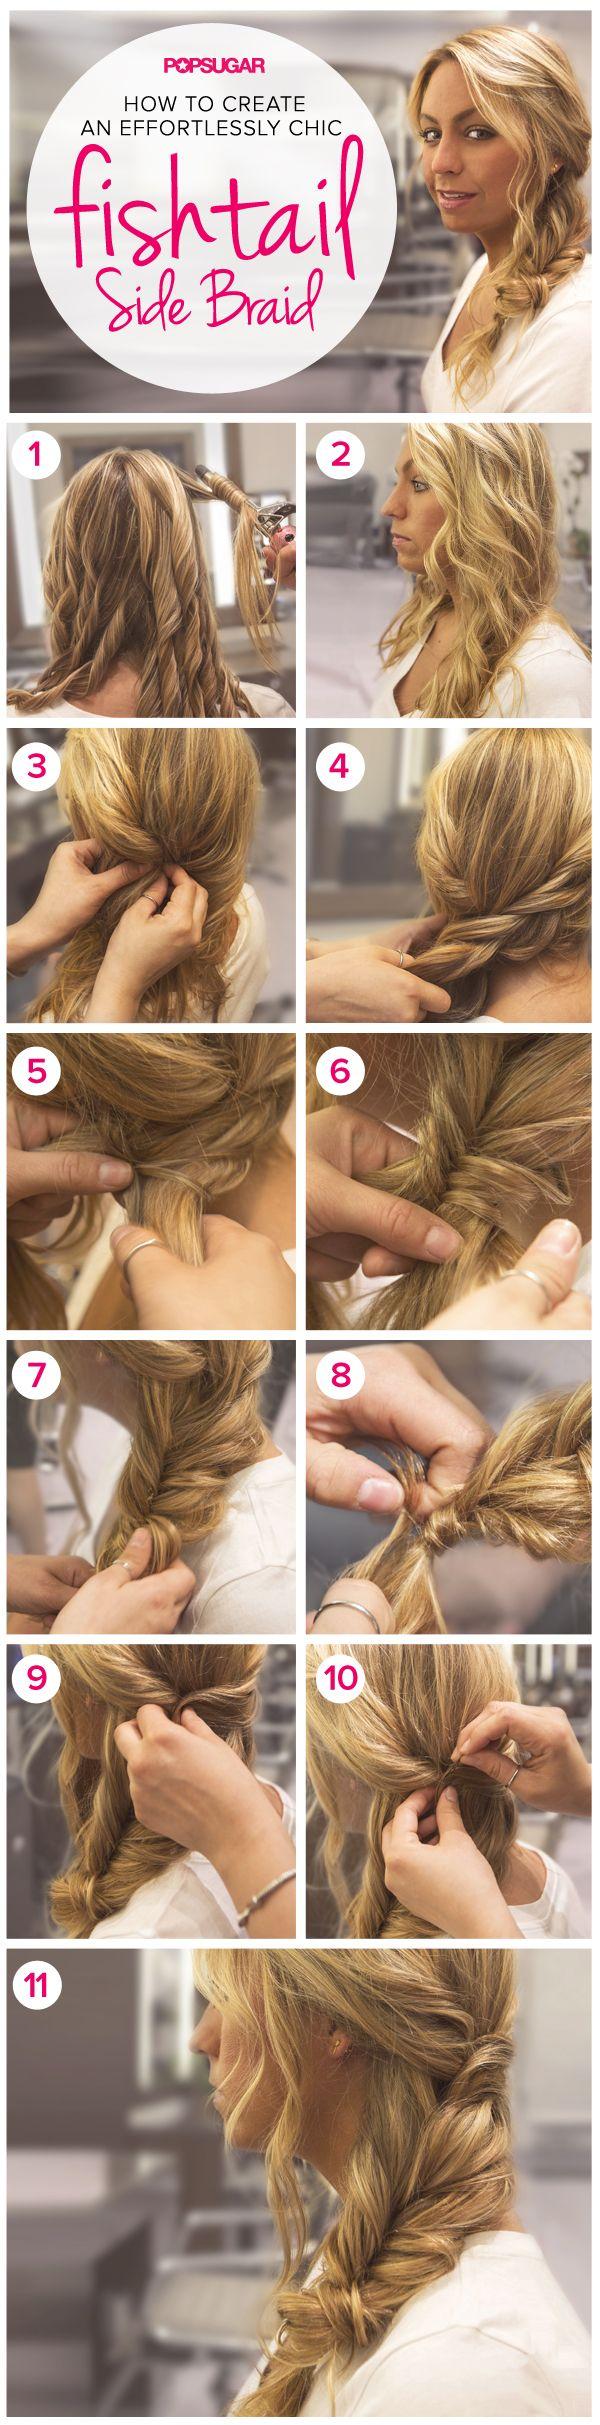 Learn this boho chic side fishtail braid. Perfect for Summer! #hair #braids